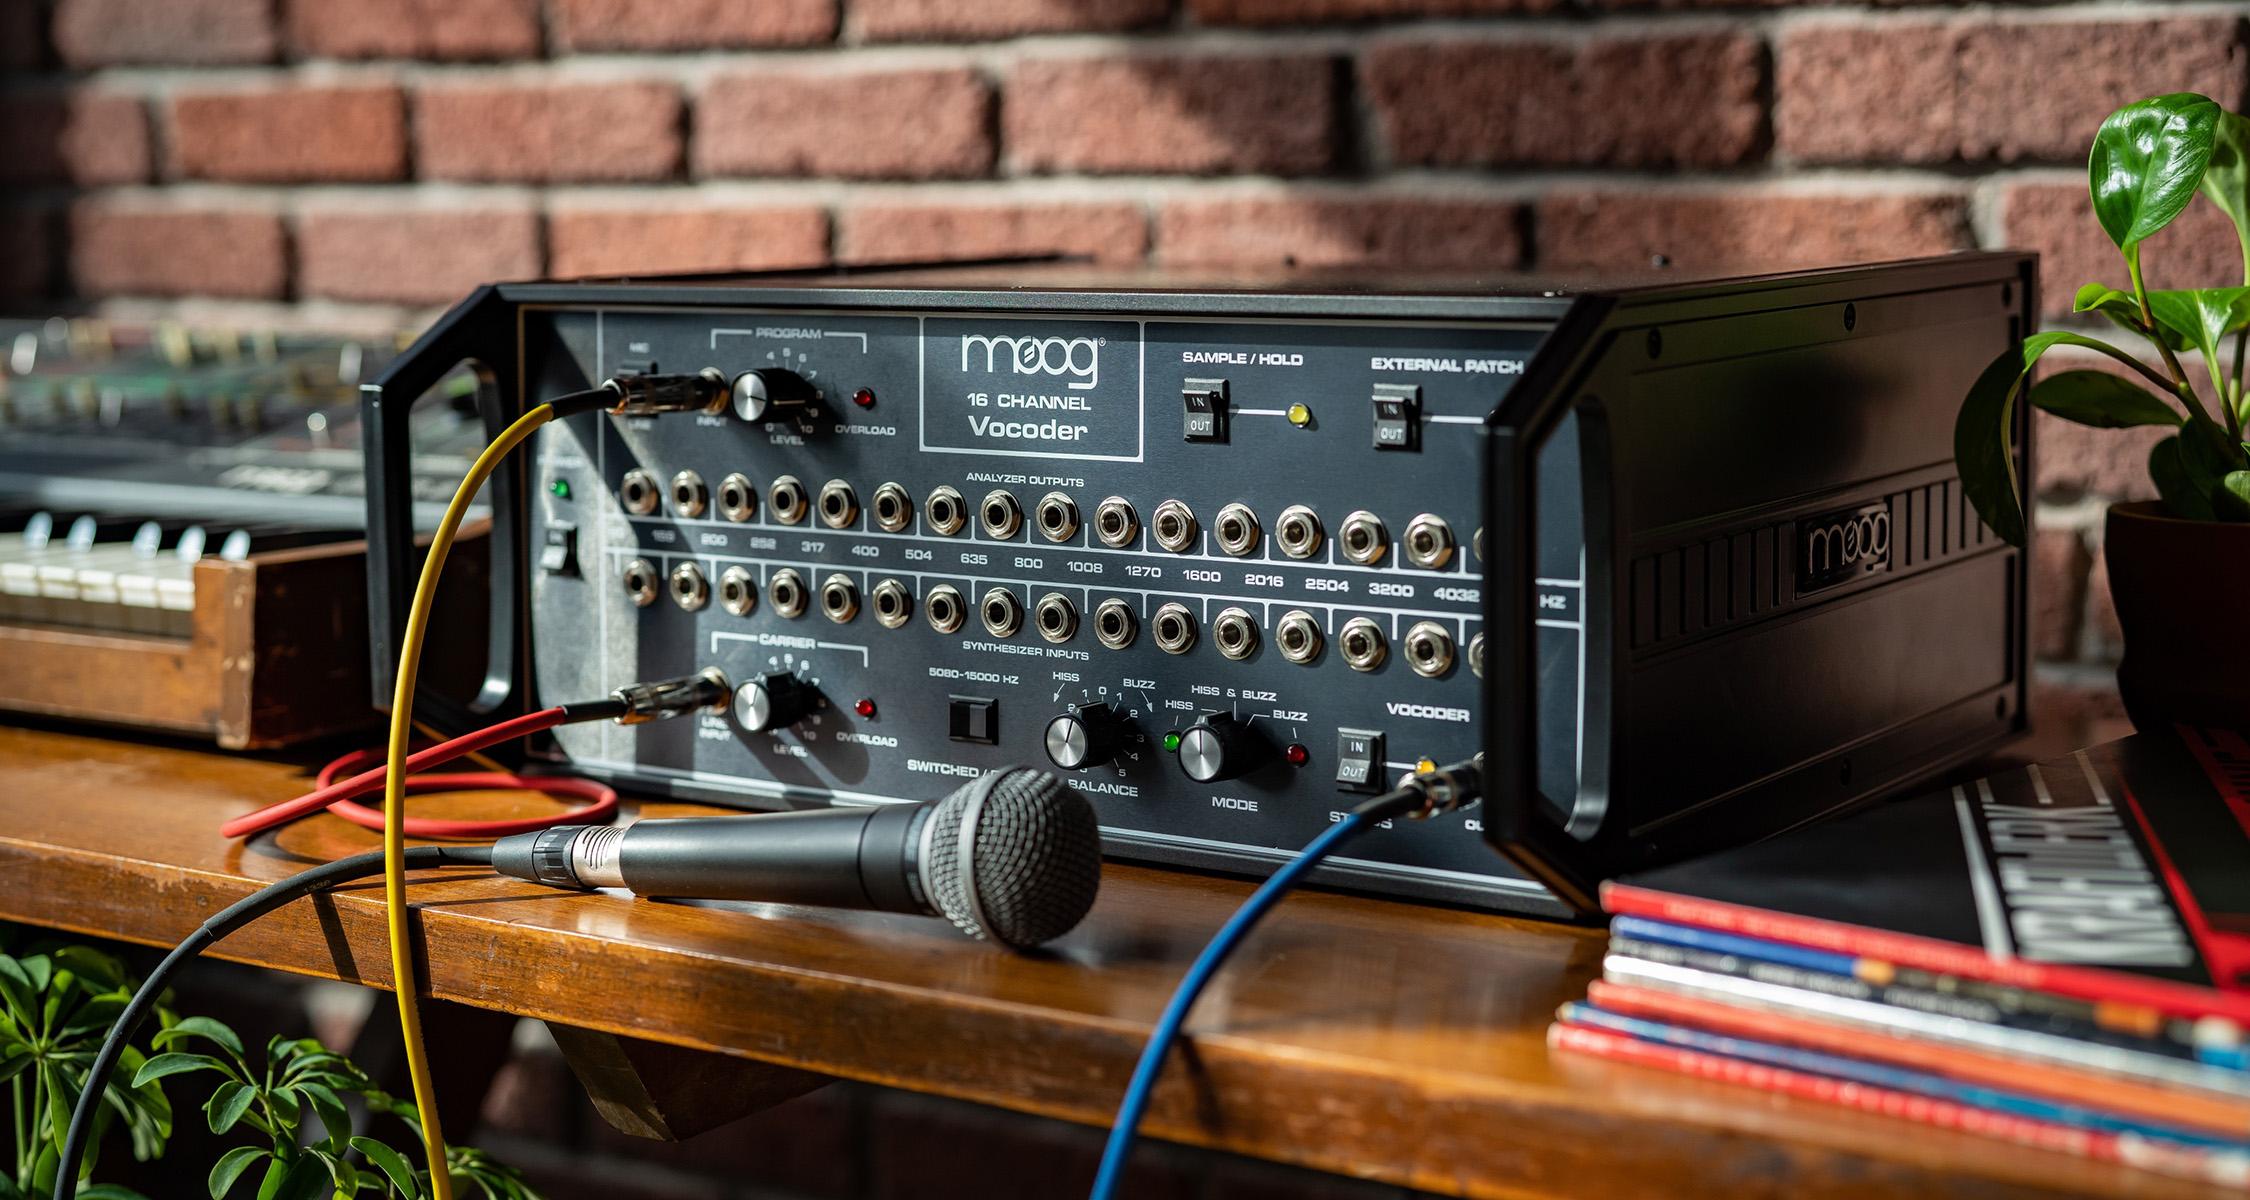 Moog nylanserar legendariska 16 Channel Vocoder